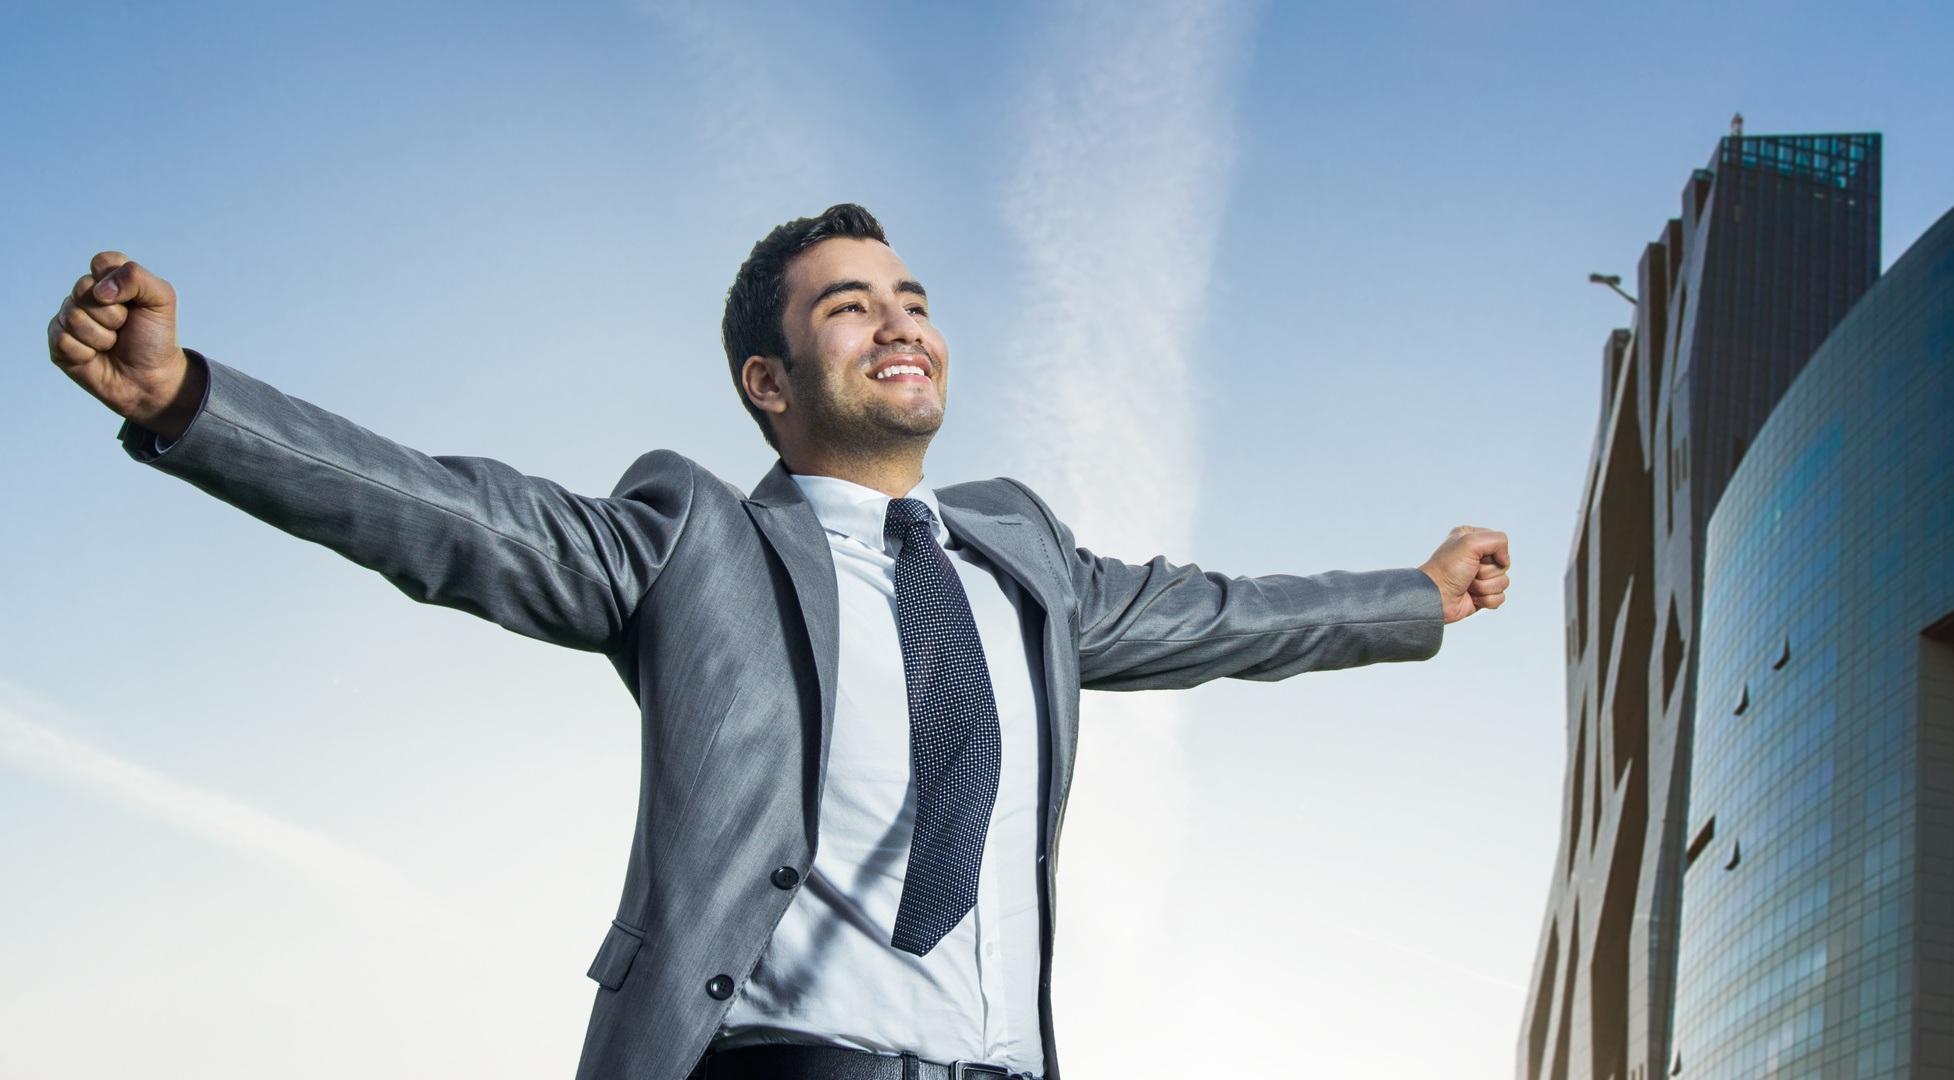 Meraih Kesuksesan Berusia 20 Tahunan Naik Jabatan